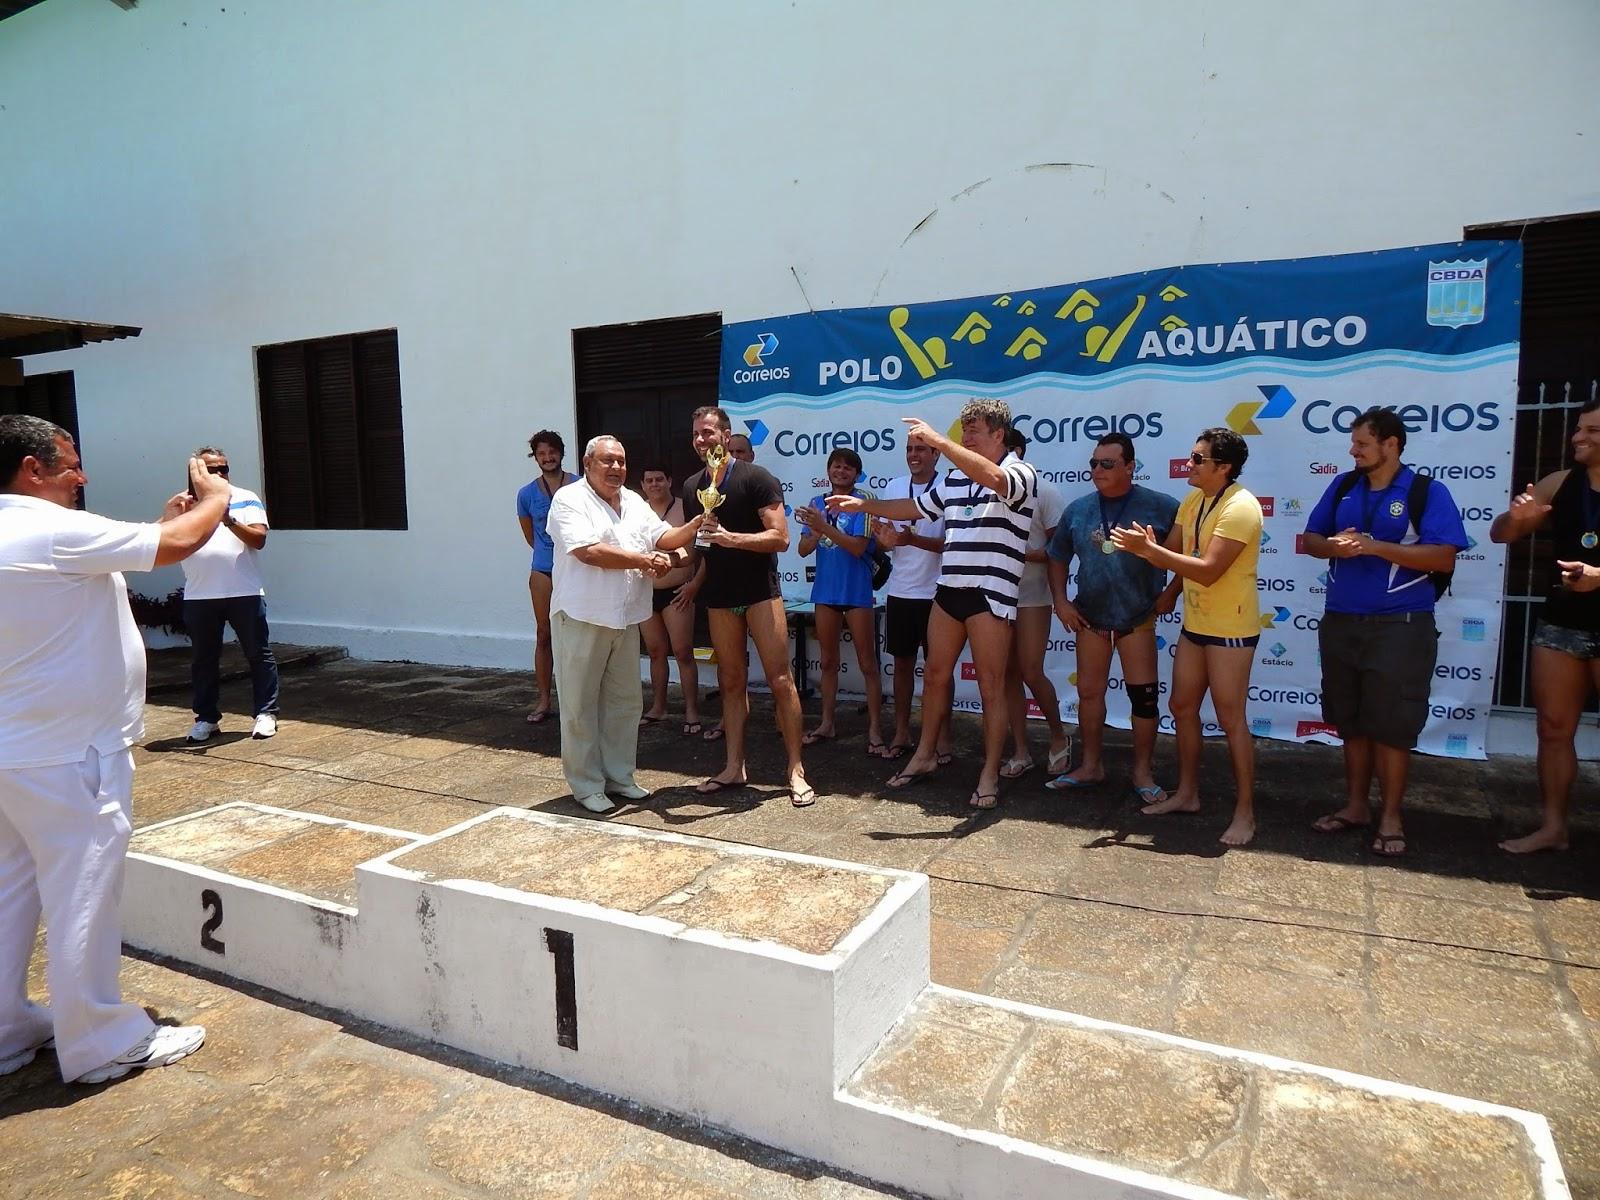 842cd7add28 A Paraíba foi representada pelo Grêmio CIEF da Vila Olímpica Ronaldo  Marinho no Campeonato Norte Nordeste Adulto Masculino o evento foi  realizado neste ...